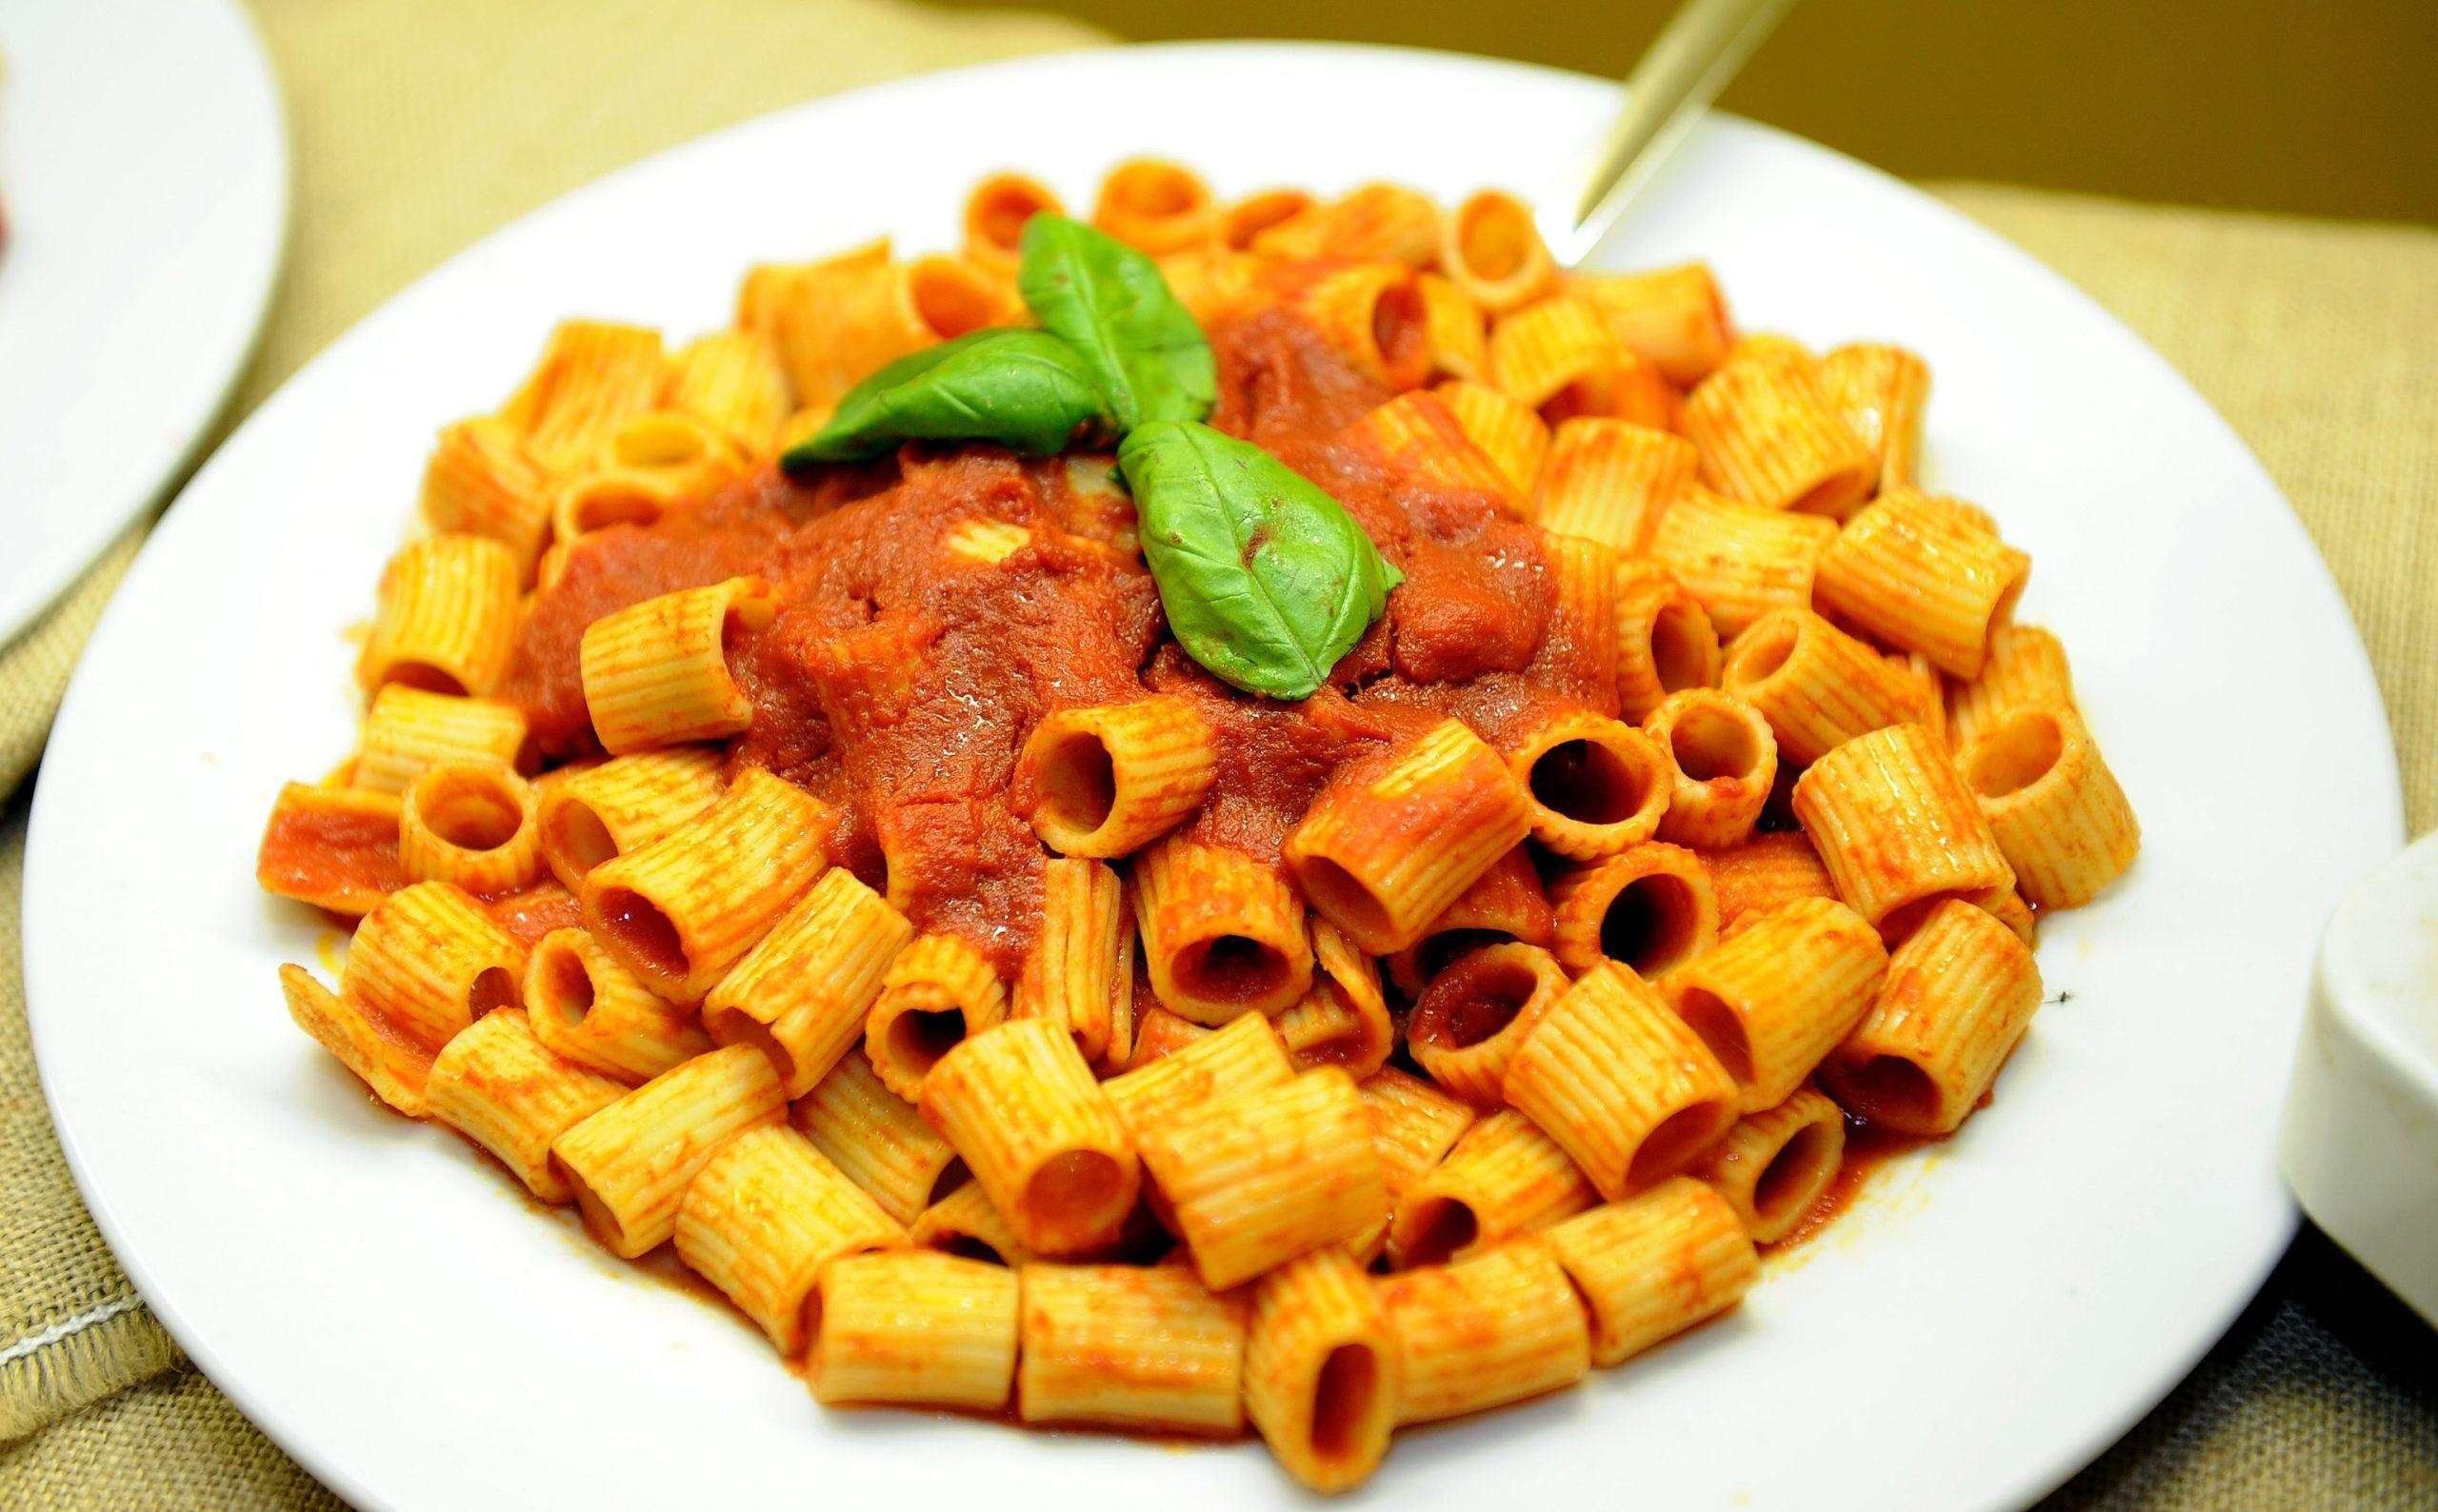 Italia Paese in salute con la dieta meditteranea